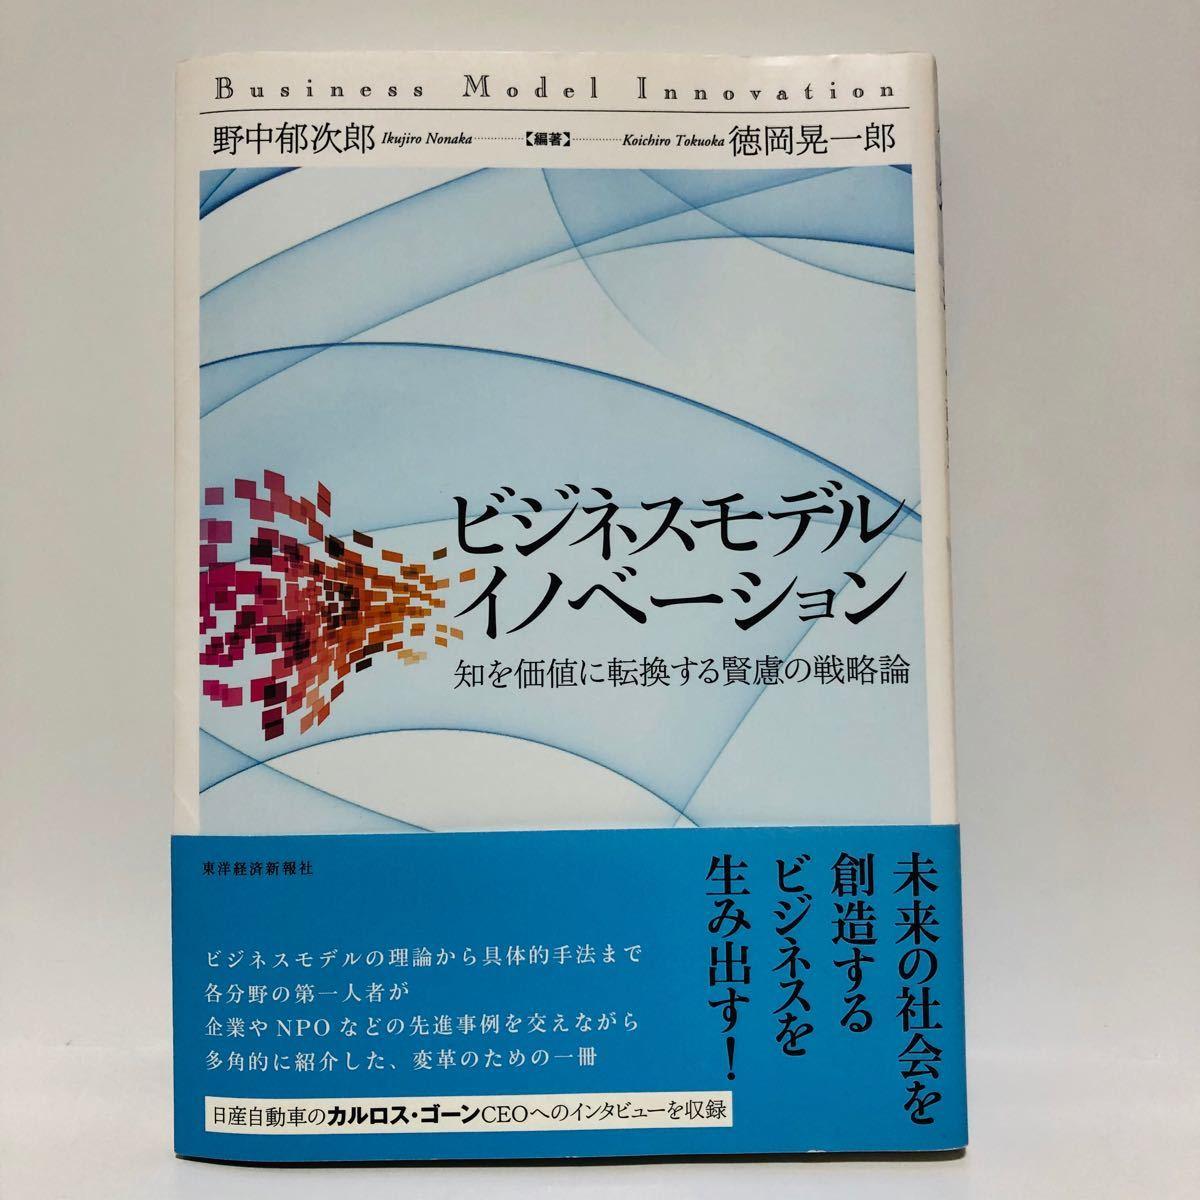 ビジネスモデル・イノベーション 野中郁次郎、徳岡晃一郎